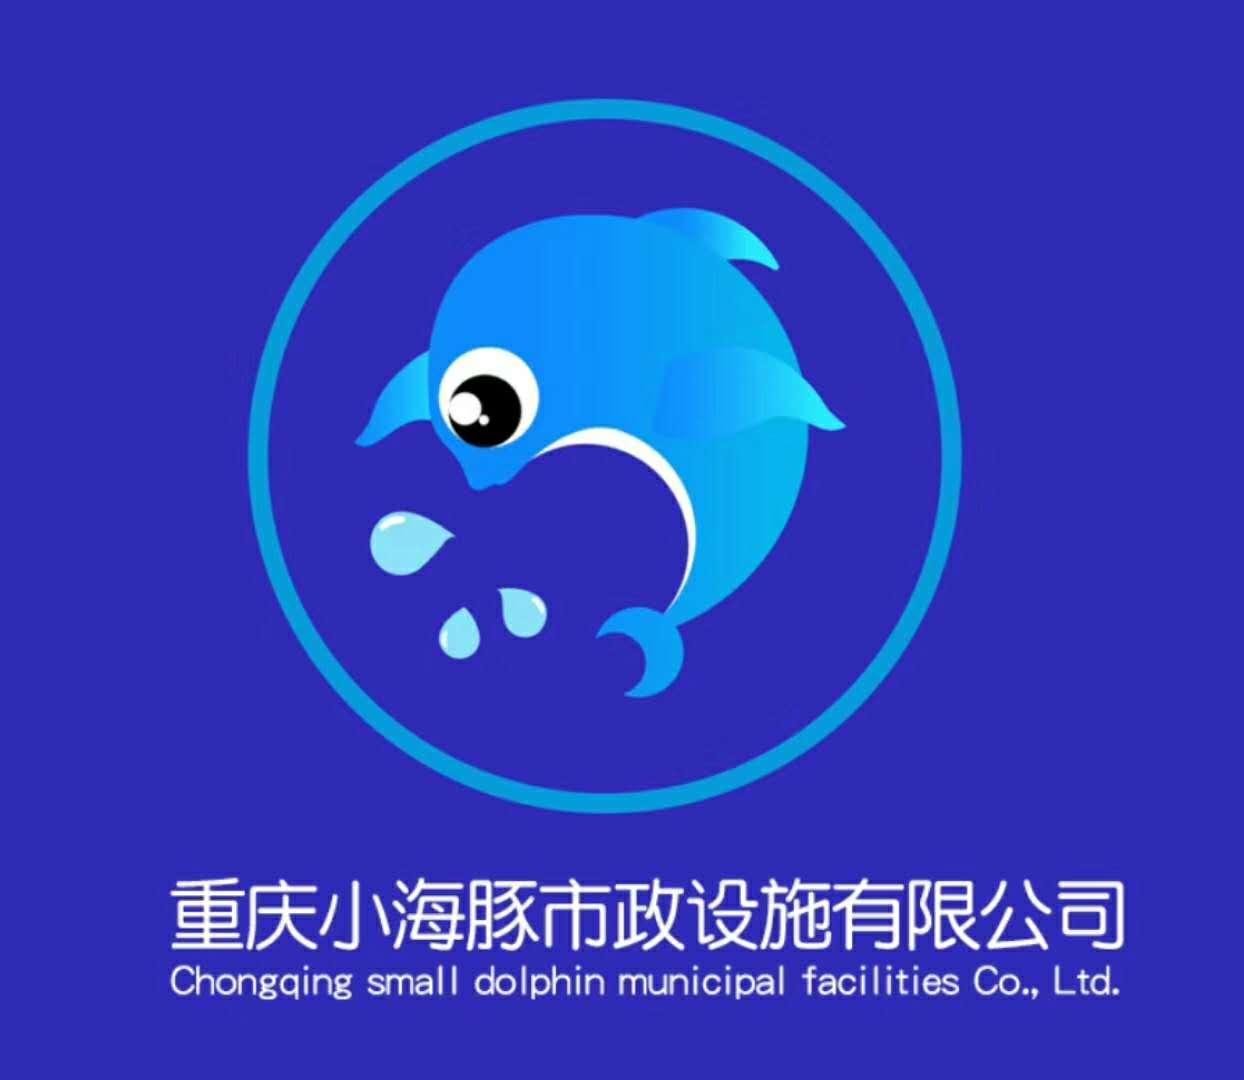 重庆小海豚市政设施有限公司